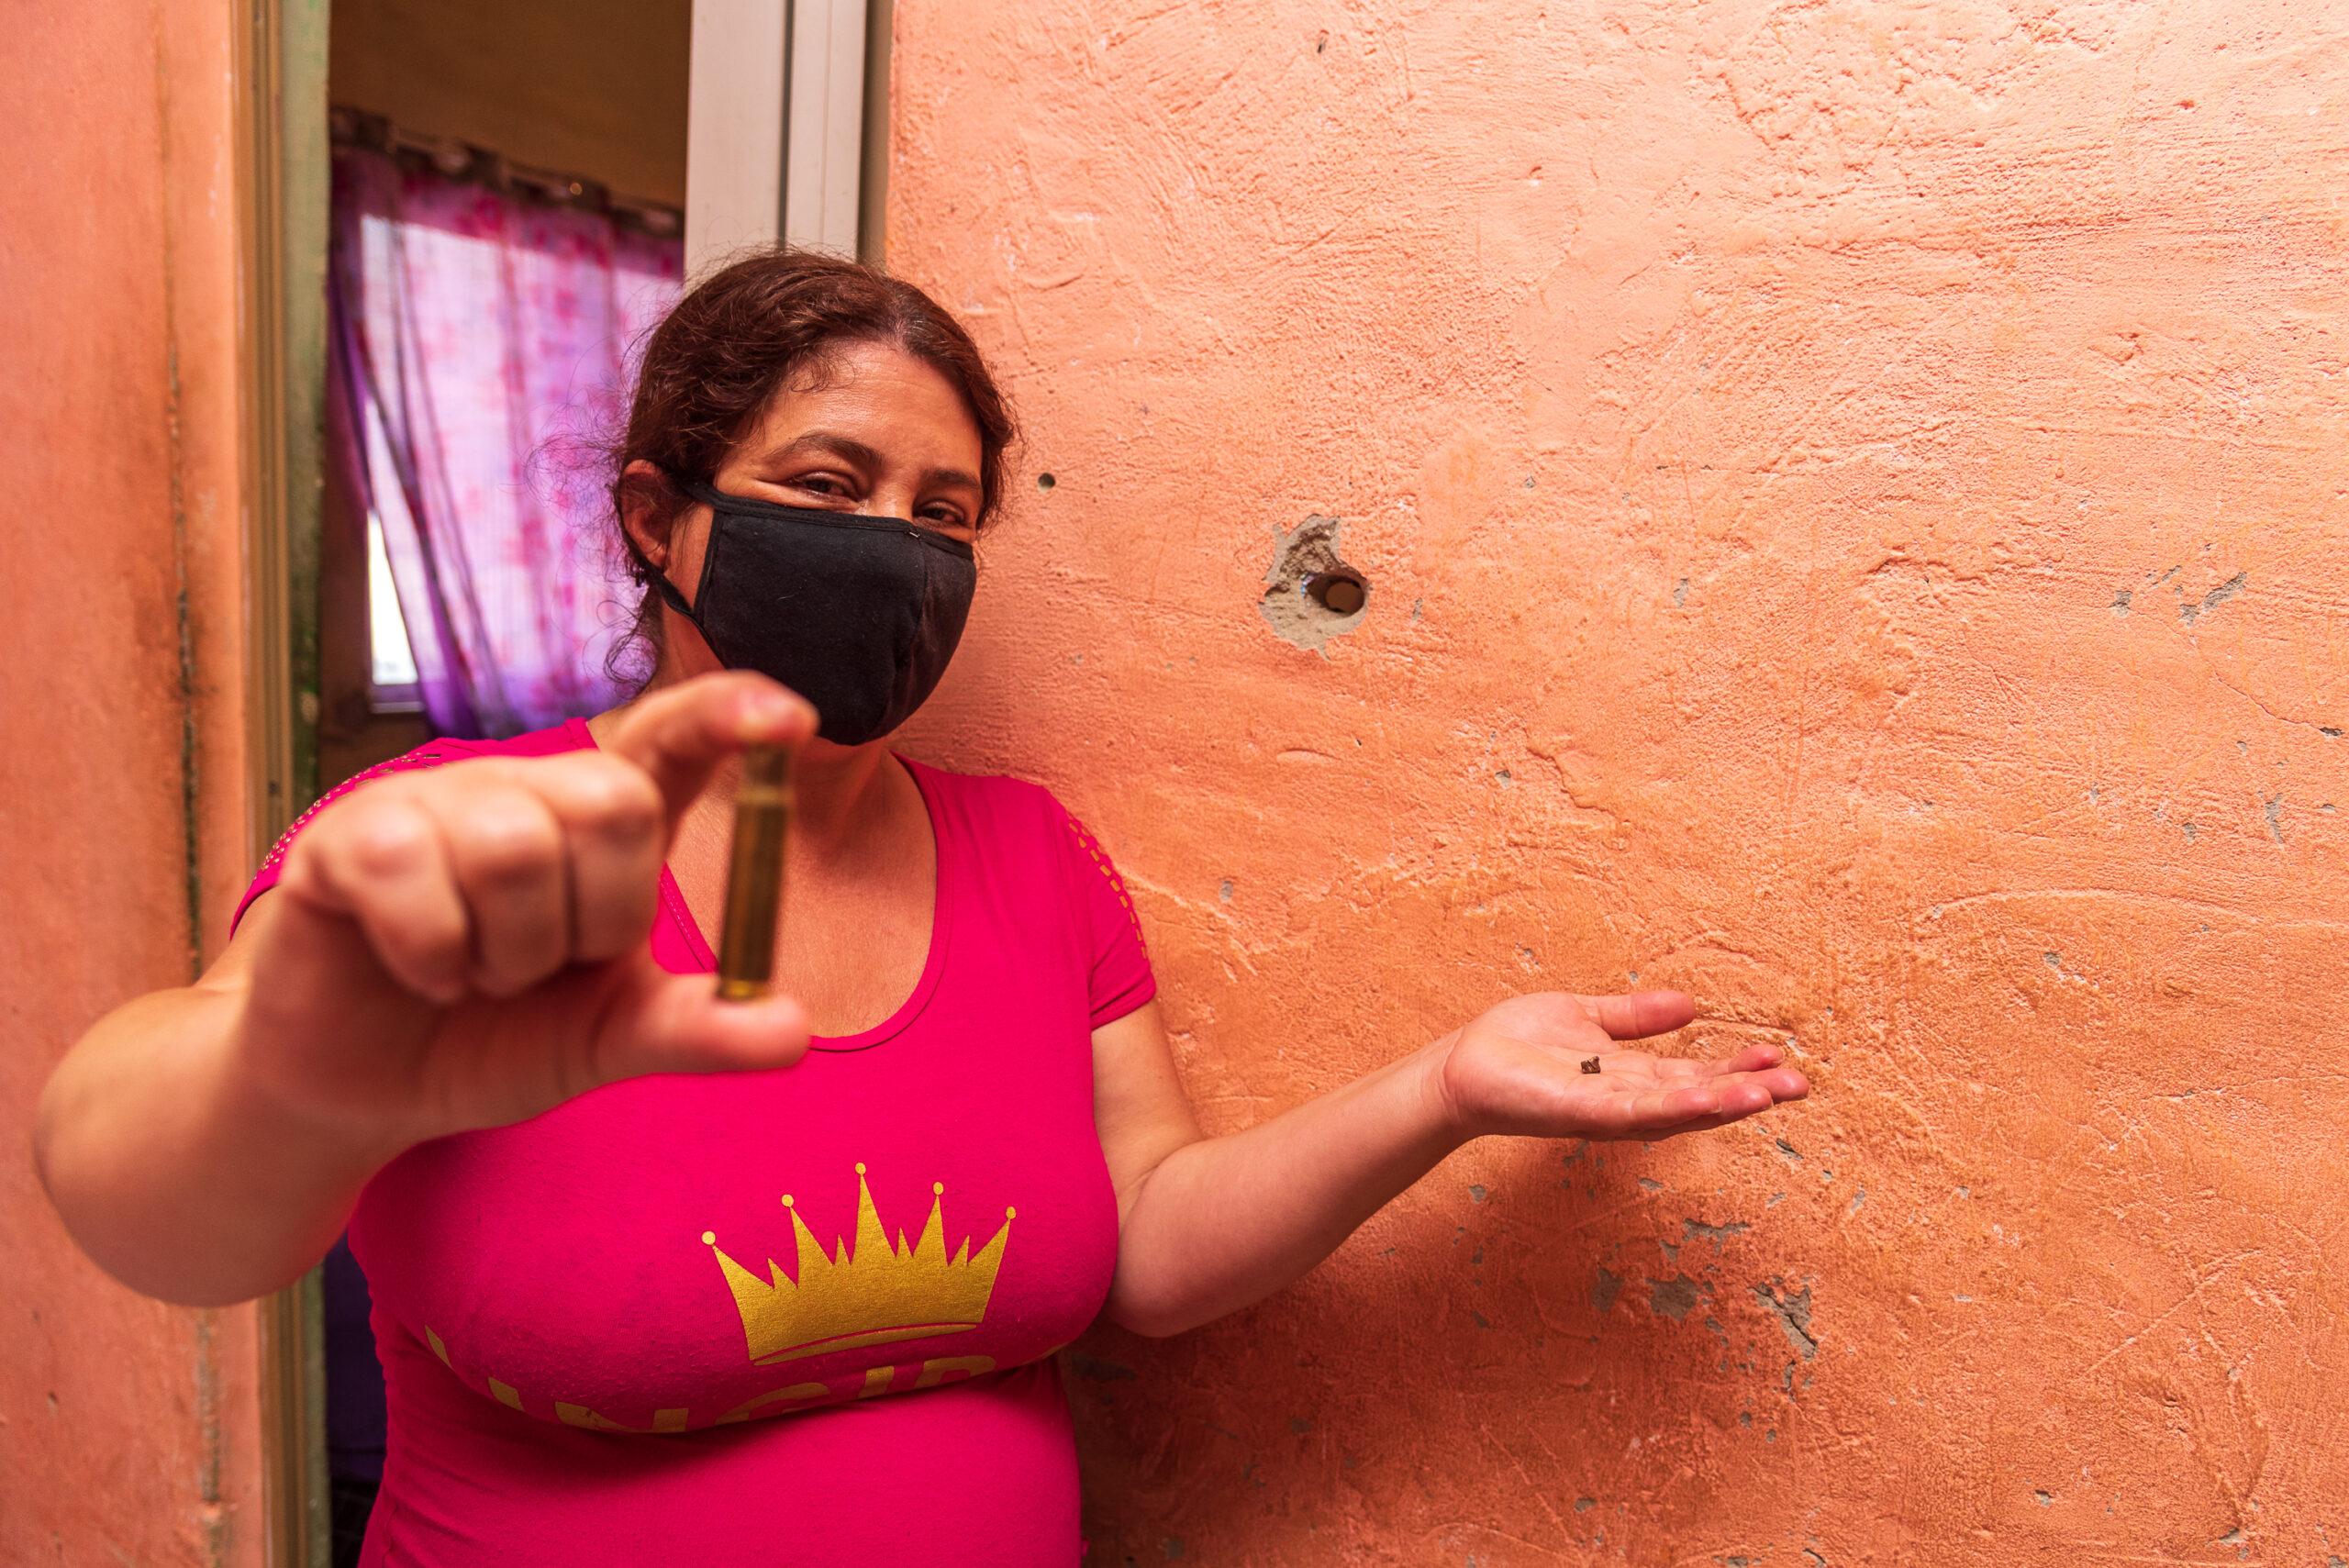 Foto: Selma Souza/Voz das Comunidades